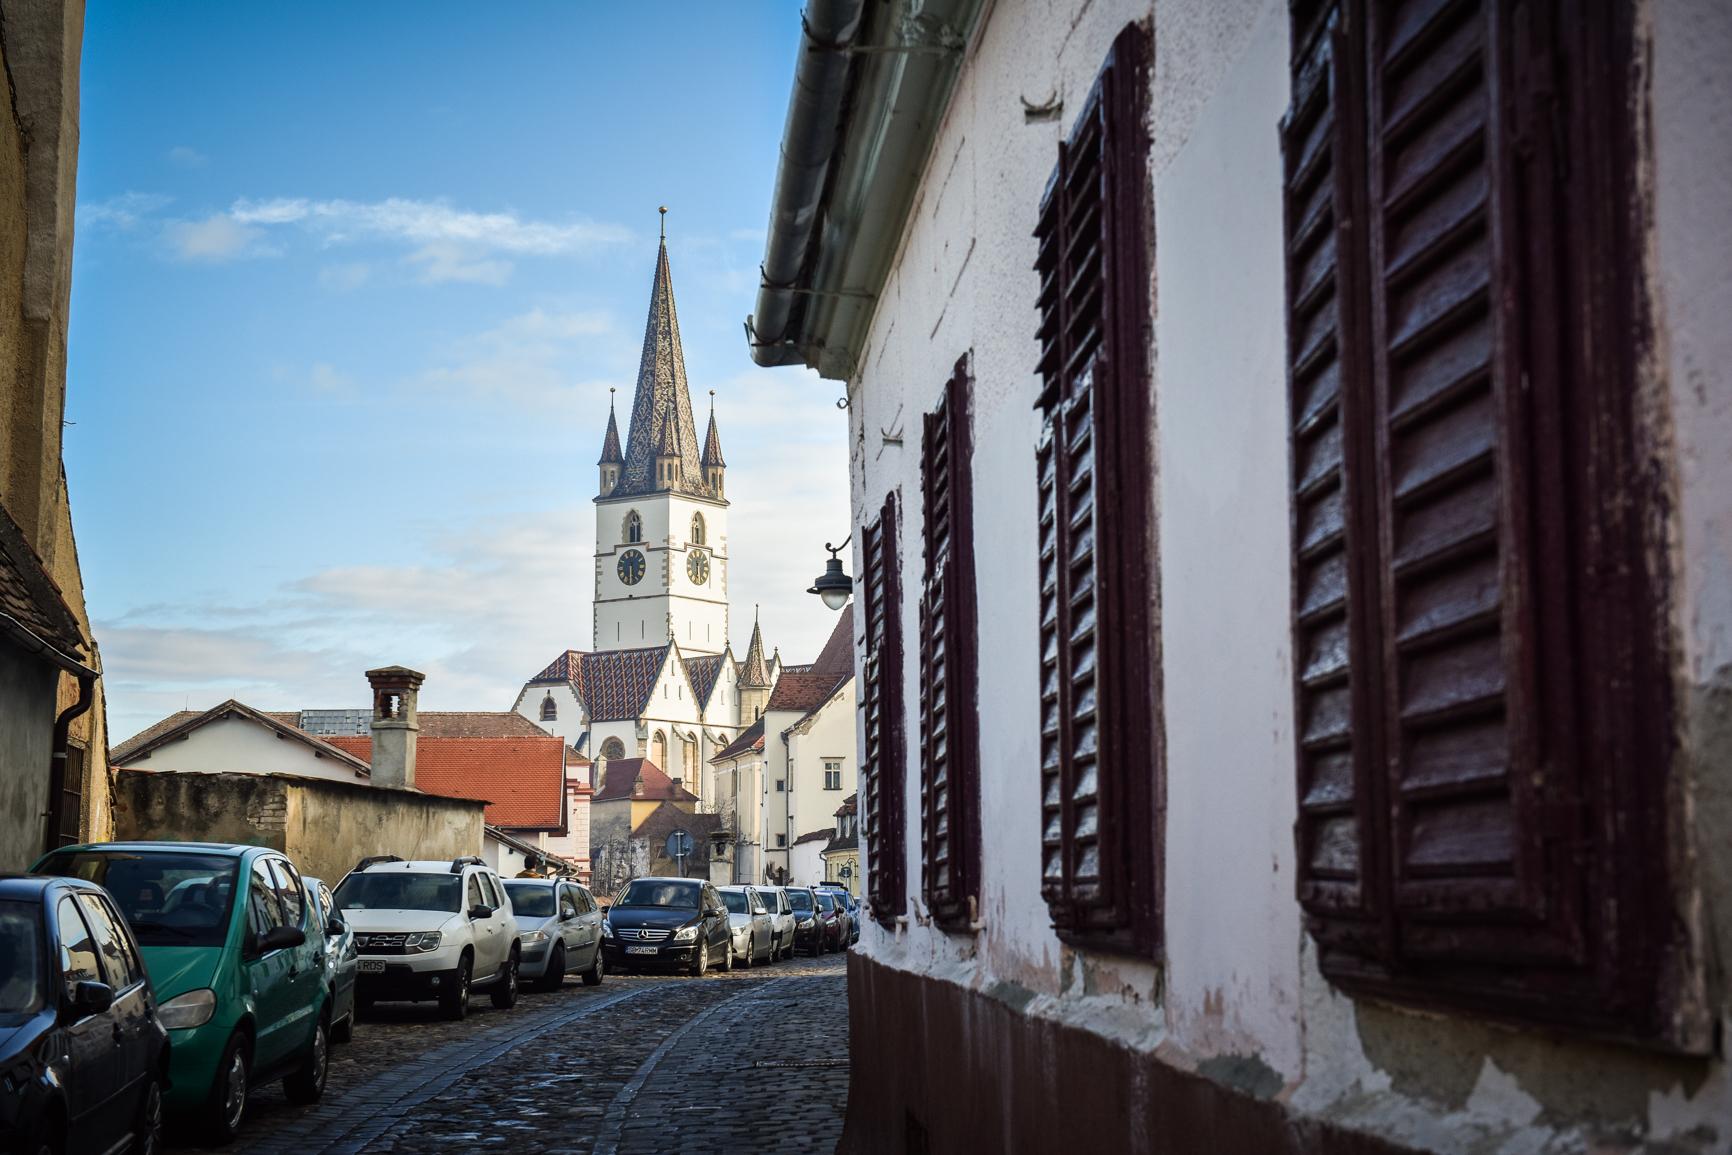 1,69 - rata de infectare în municipiul Sibiu. Situația în fiecare localitate